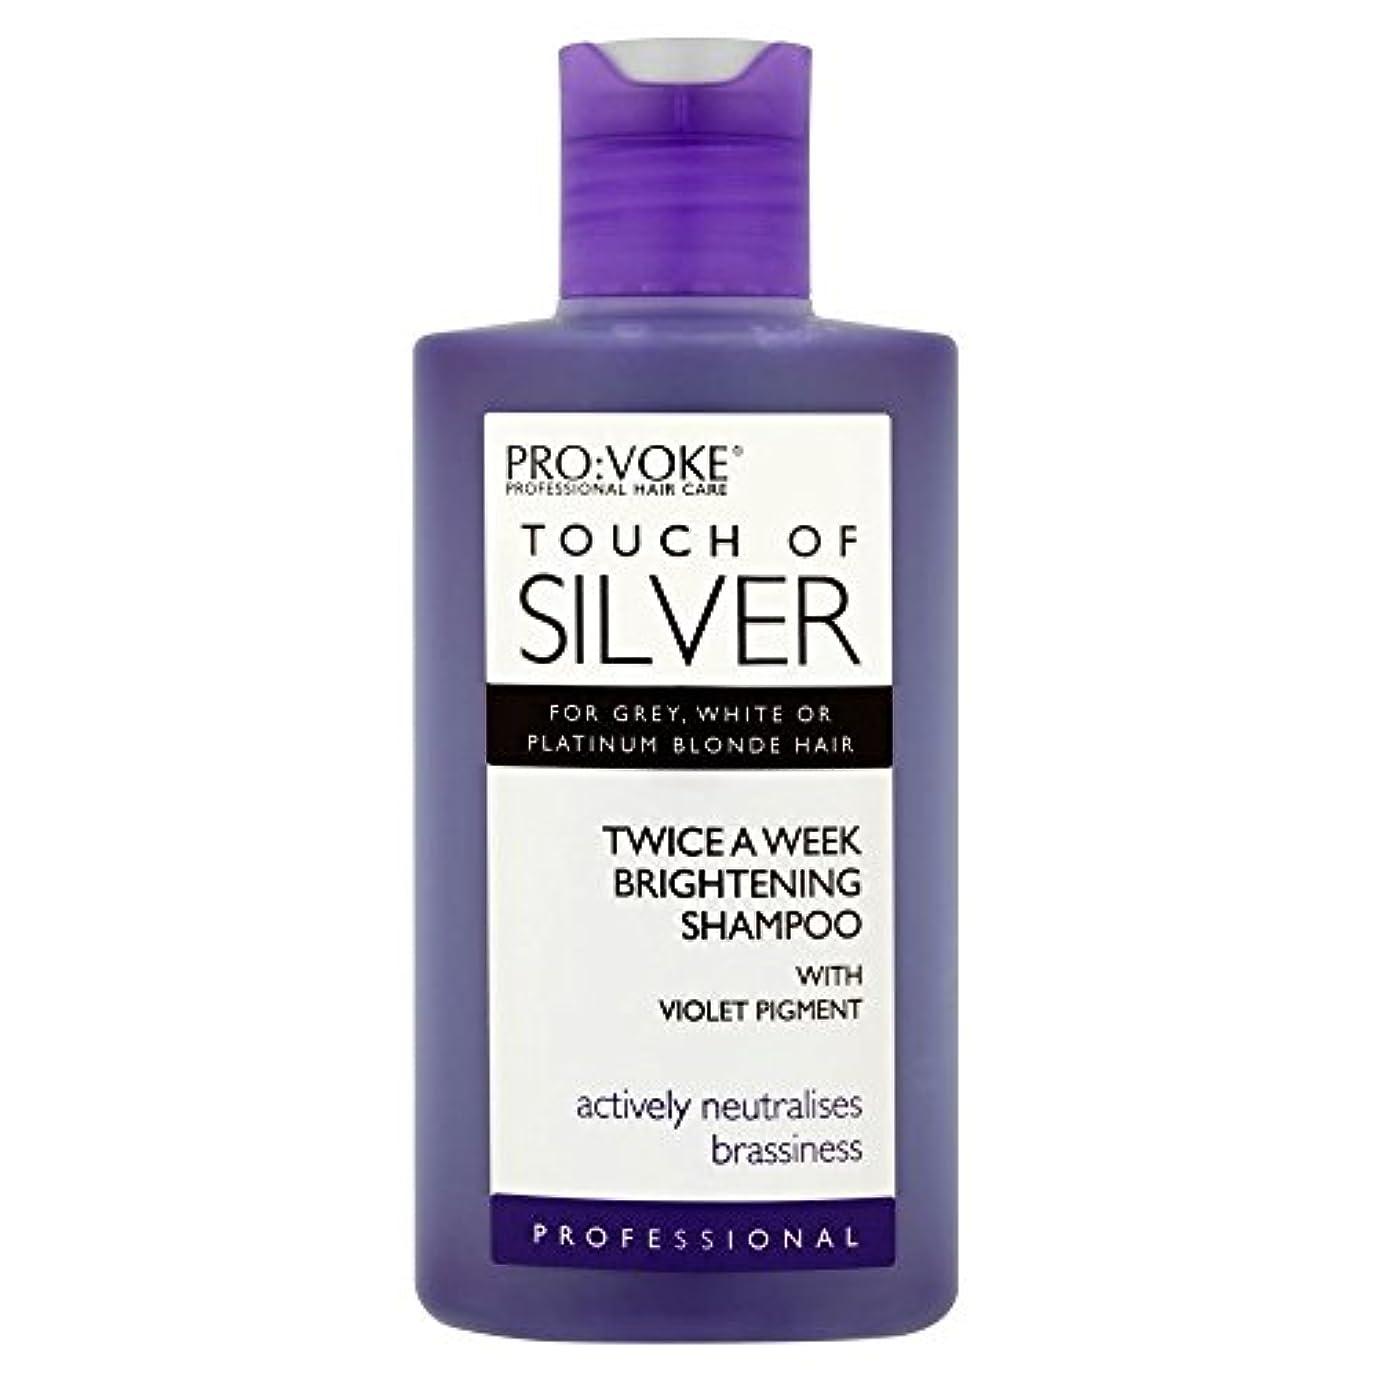 感じ岩テニスPro:voke Touch of Silver Professional Twice a Week Brightening Shampoo (150ml) プロ:プロの銀二回週白シャンプーのvokeタッチ( 150ミリリットル...